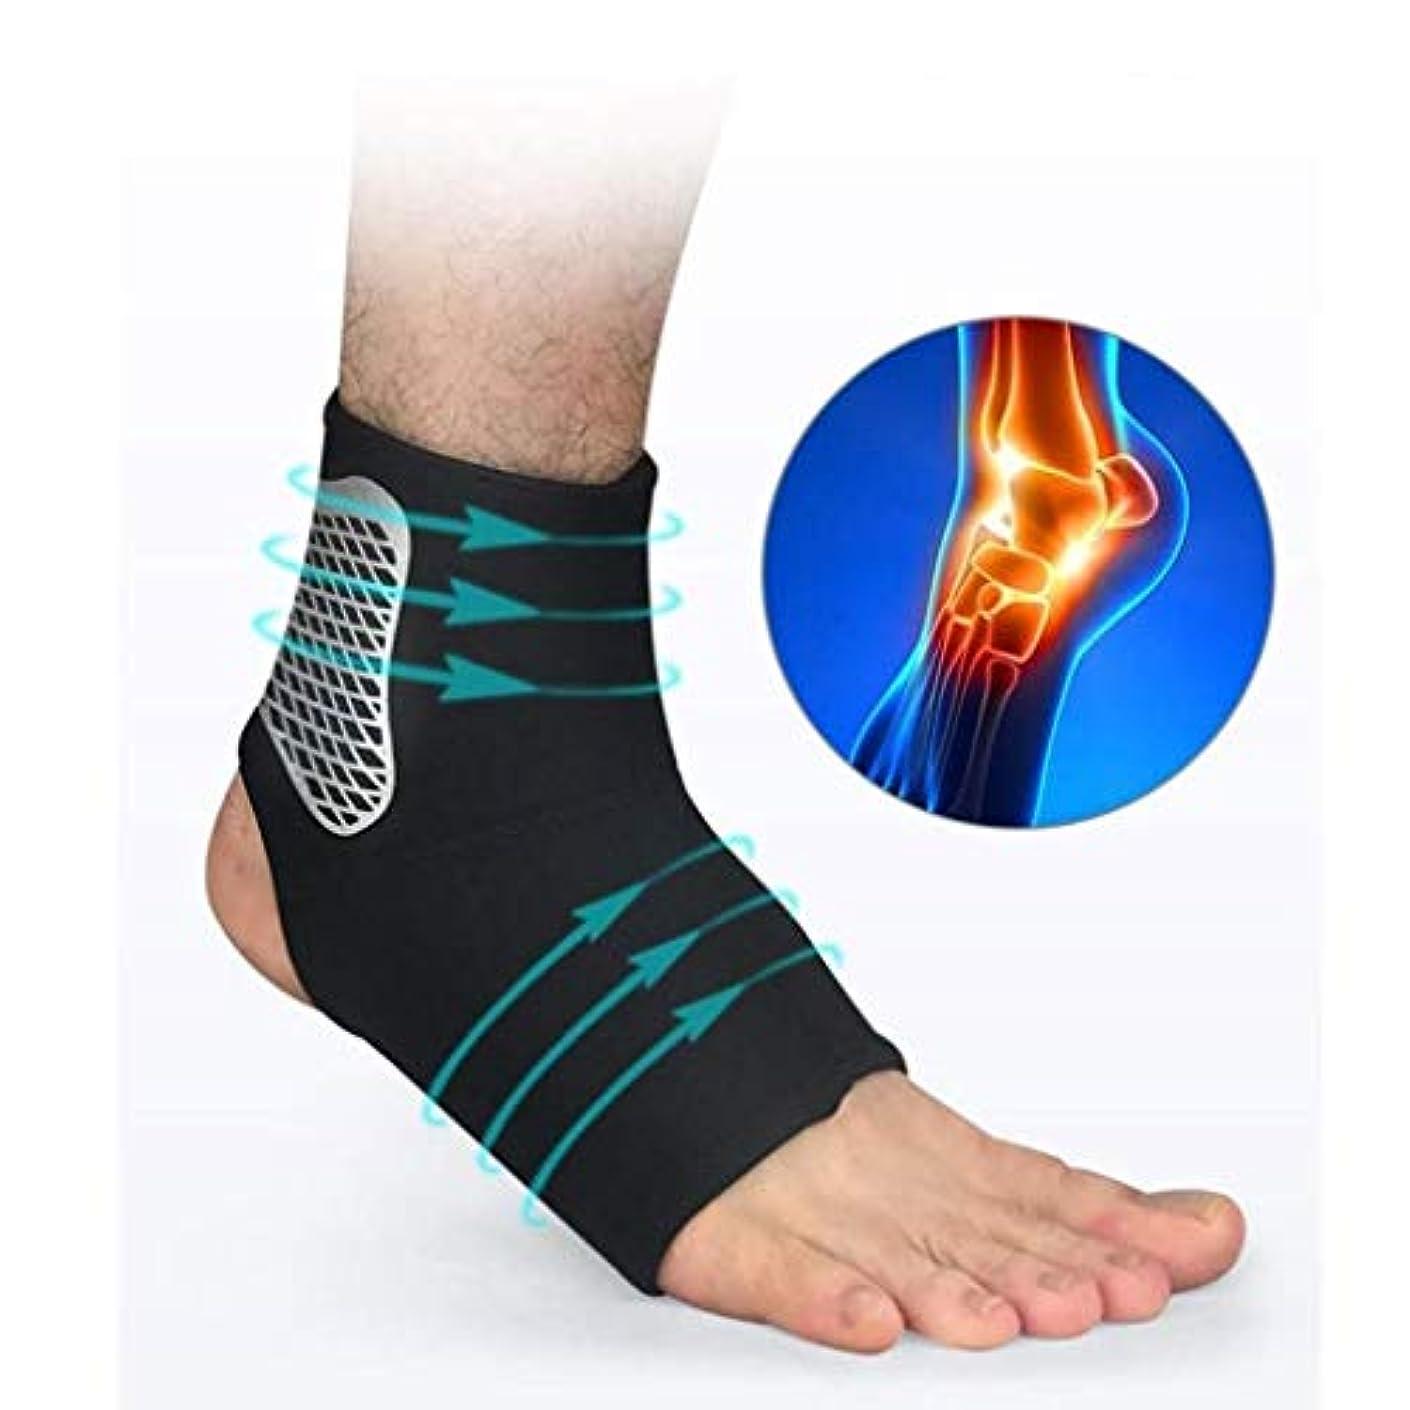 足首のサポート足首のサポート足首の圧縮男性女性、足底筋膜炎のサポートスリーブアキレス腱踵拍車ダンサー足の痛み腫れスポーツに適し (Color : 黒, Size : XL)